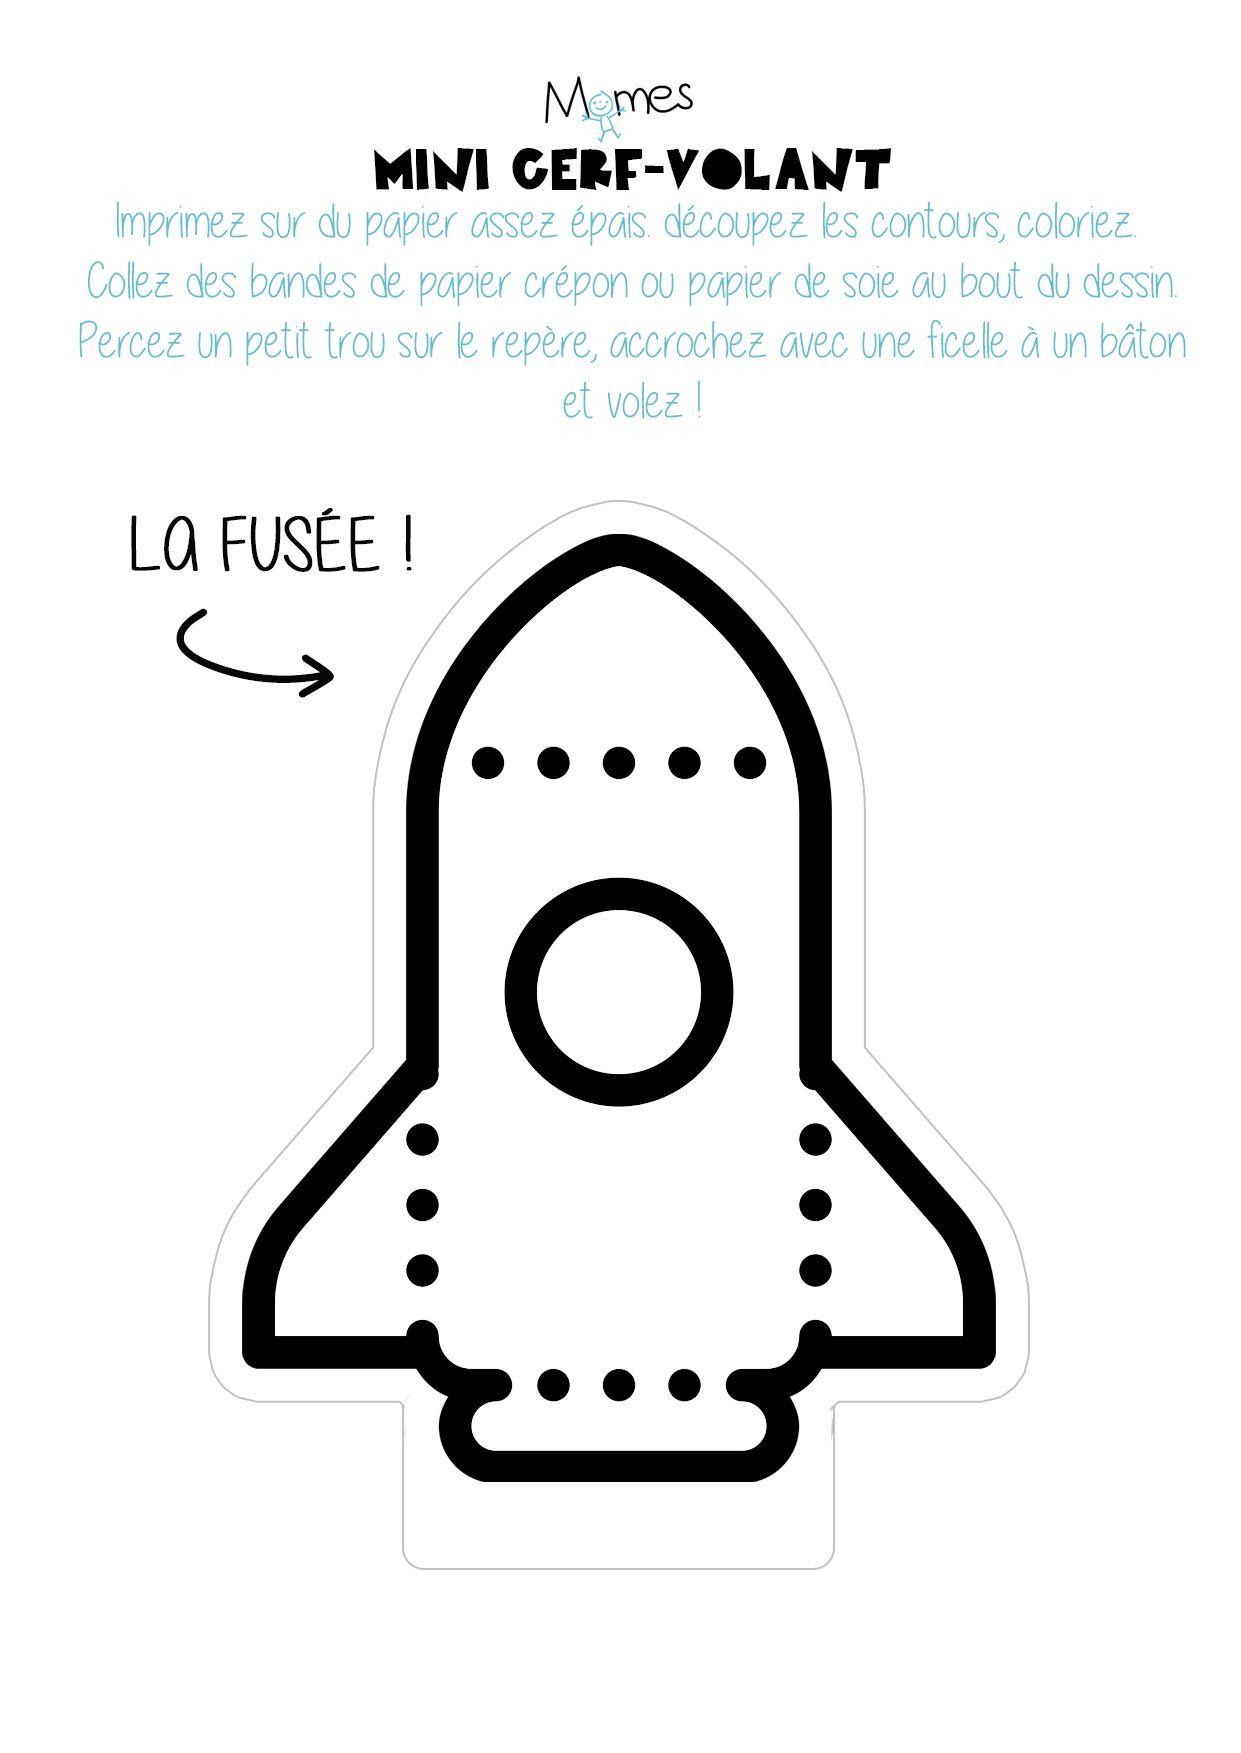 Mini Cerf-Volant Fusée À Imprimer | رياض | Space Party pour Fusée À Imprimer